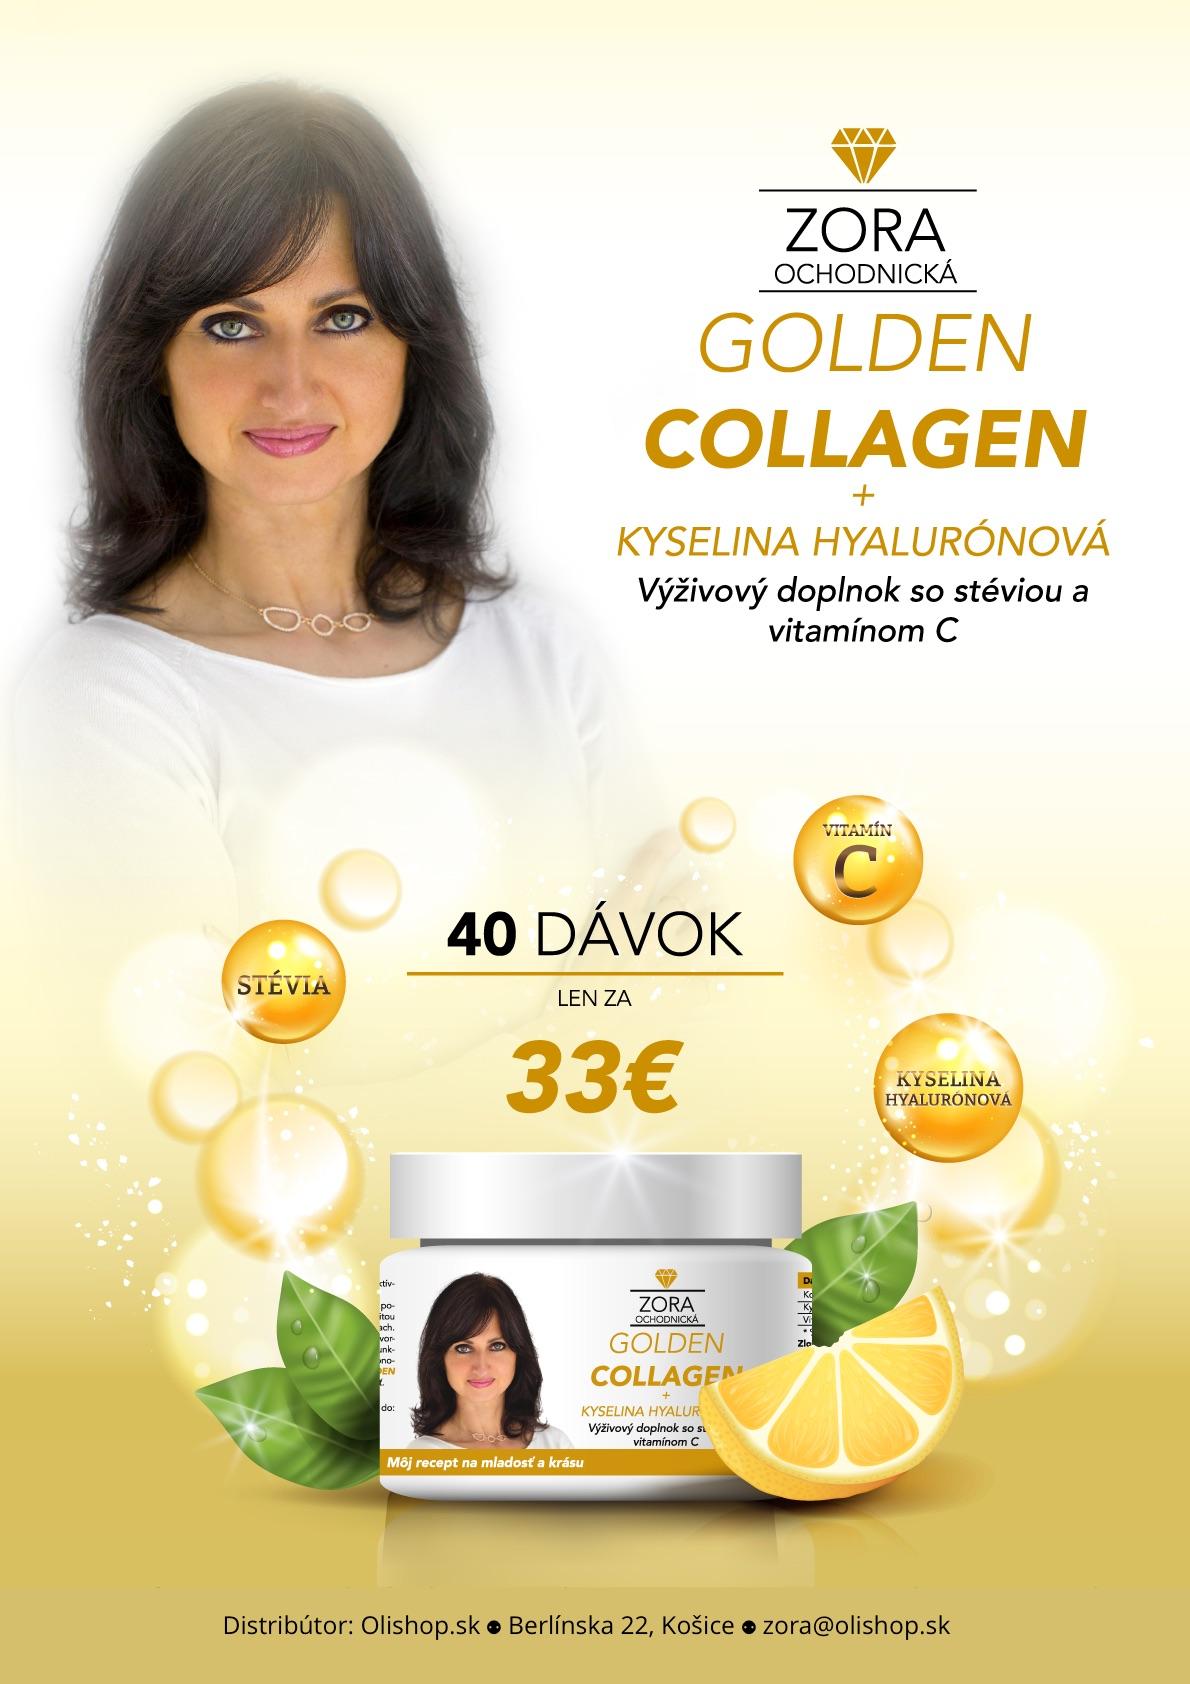 Zora Ochodnicka Golden Collagen - predná strana